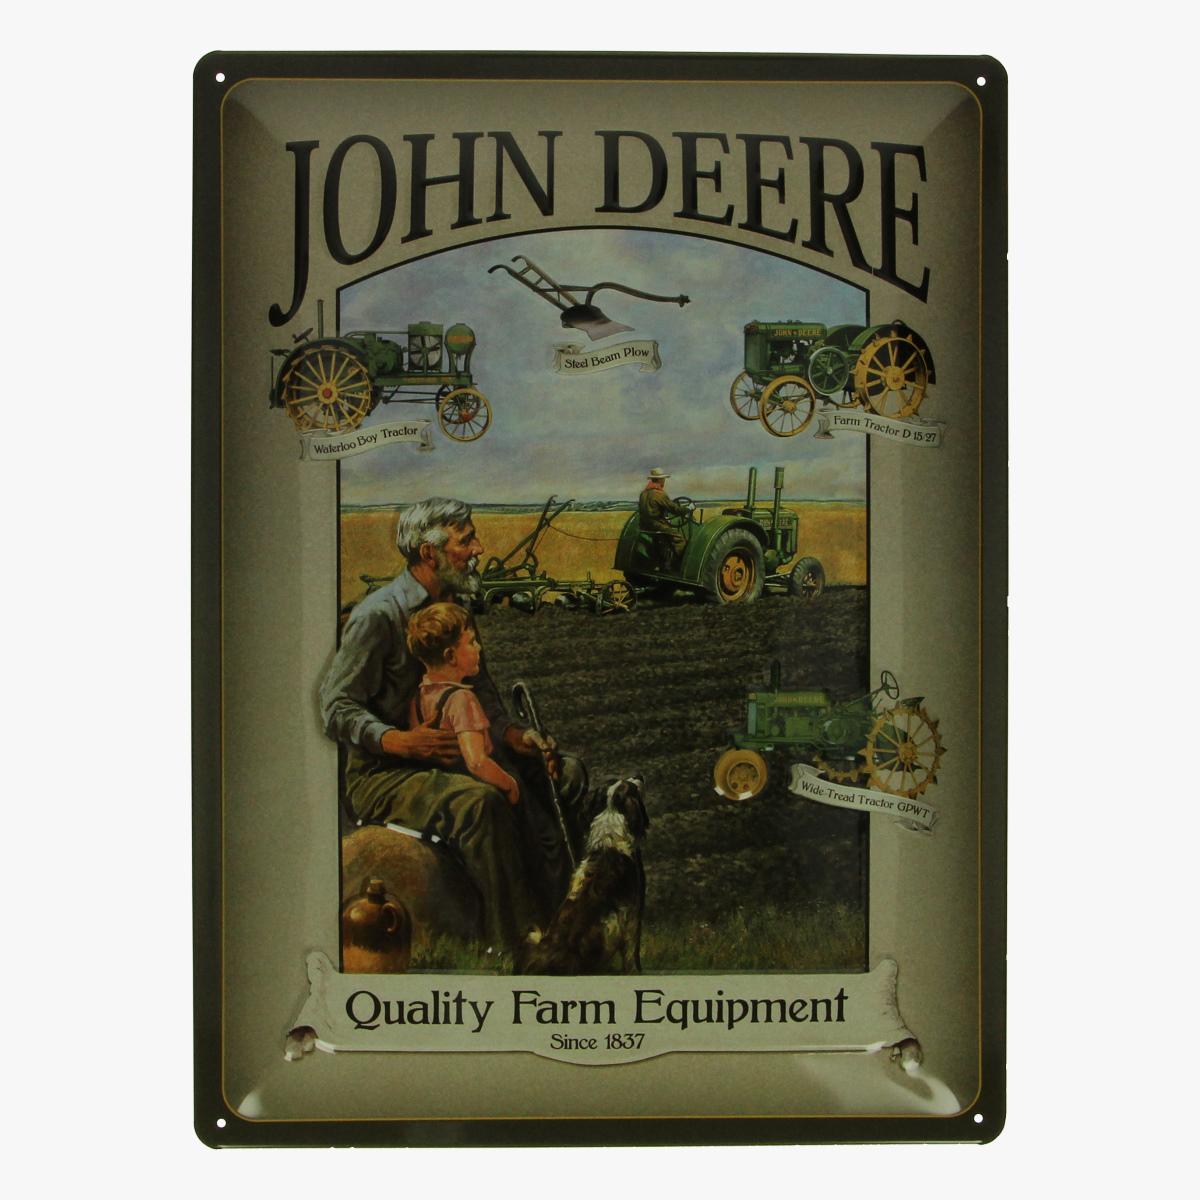 Afbeeldingen van blikken bordje John Deere tractor repro